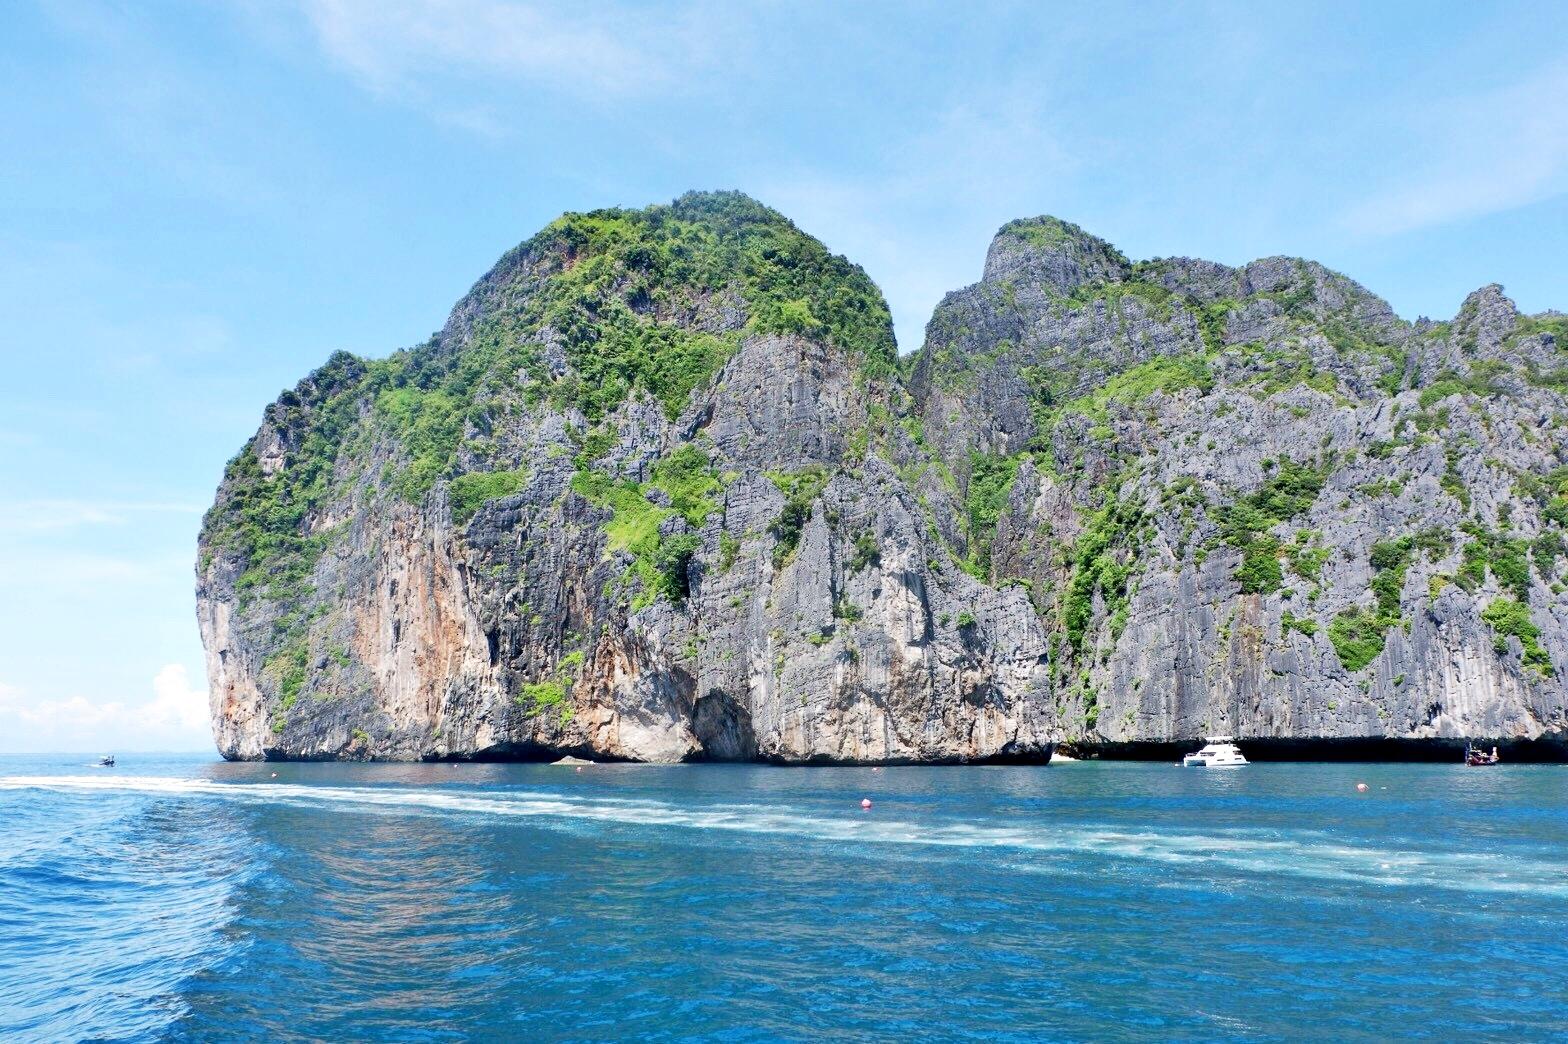 ทัวร์ 4 เกาะ 8 จุด พีพี มาหยา เกาะไข่ เกาะไม้ท่อน